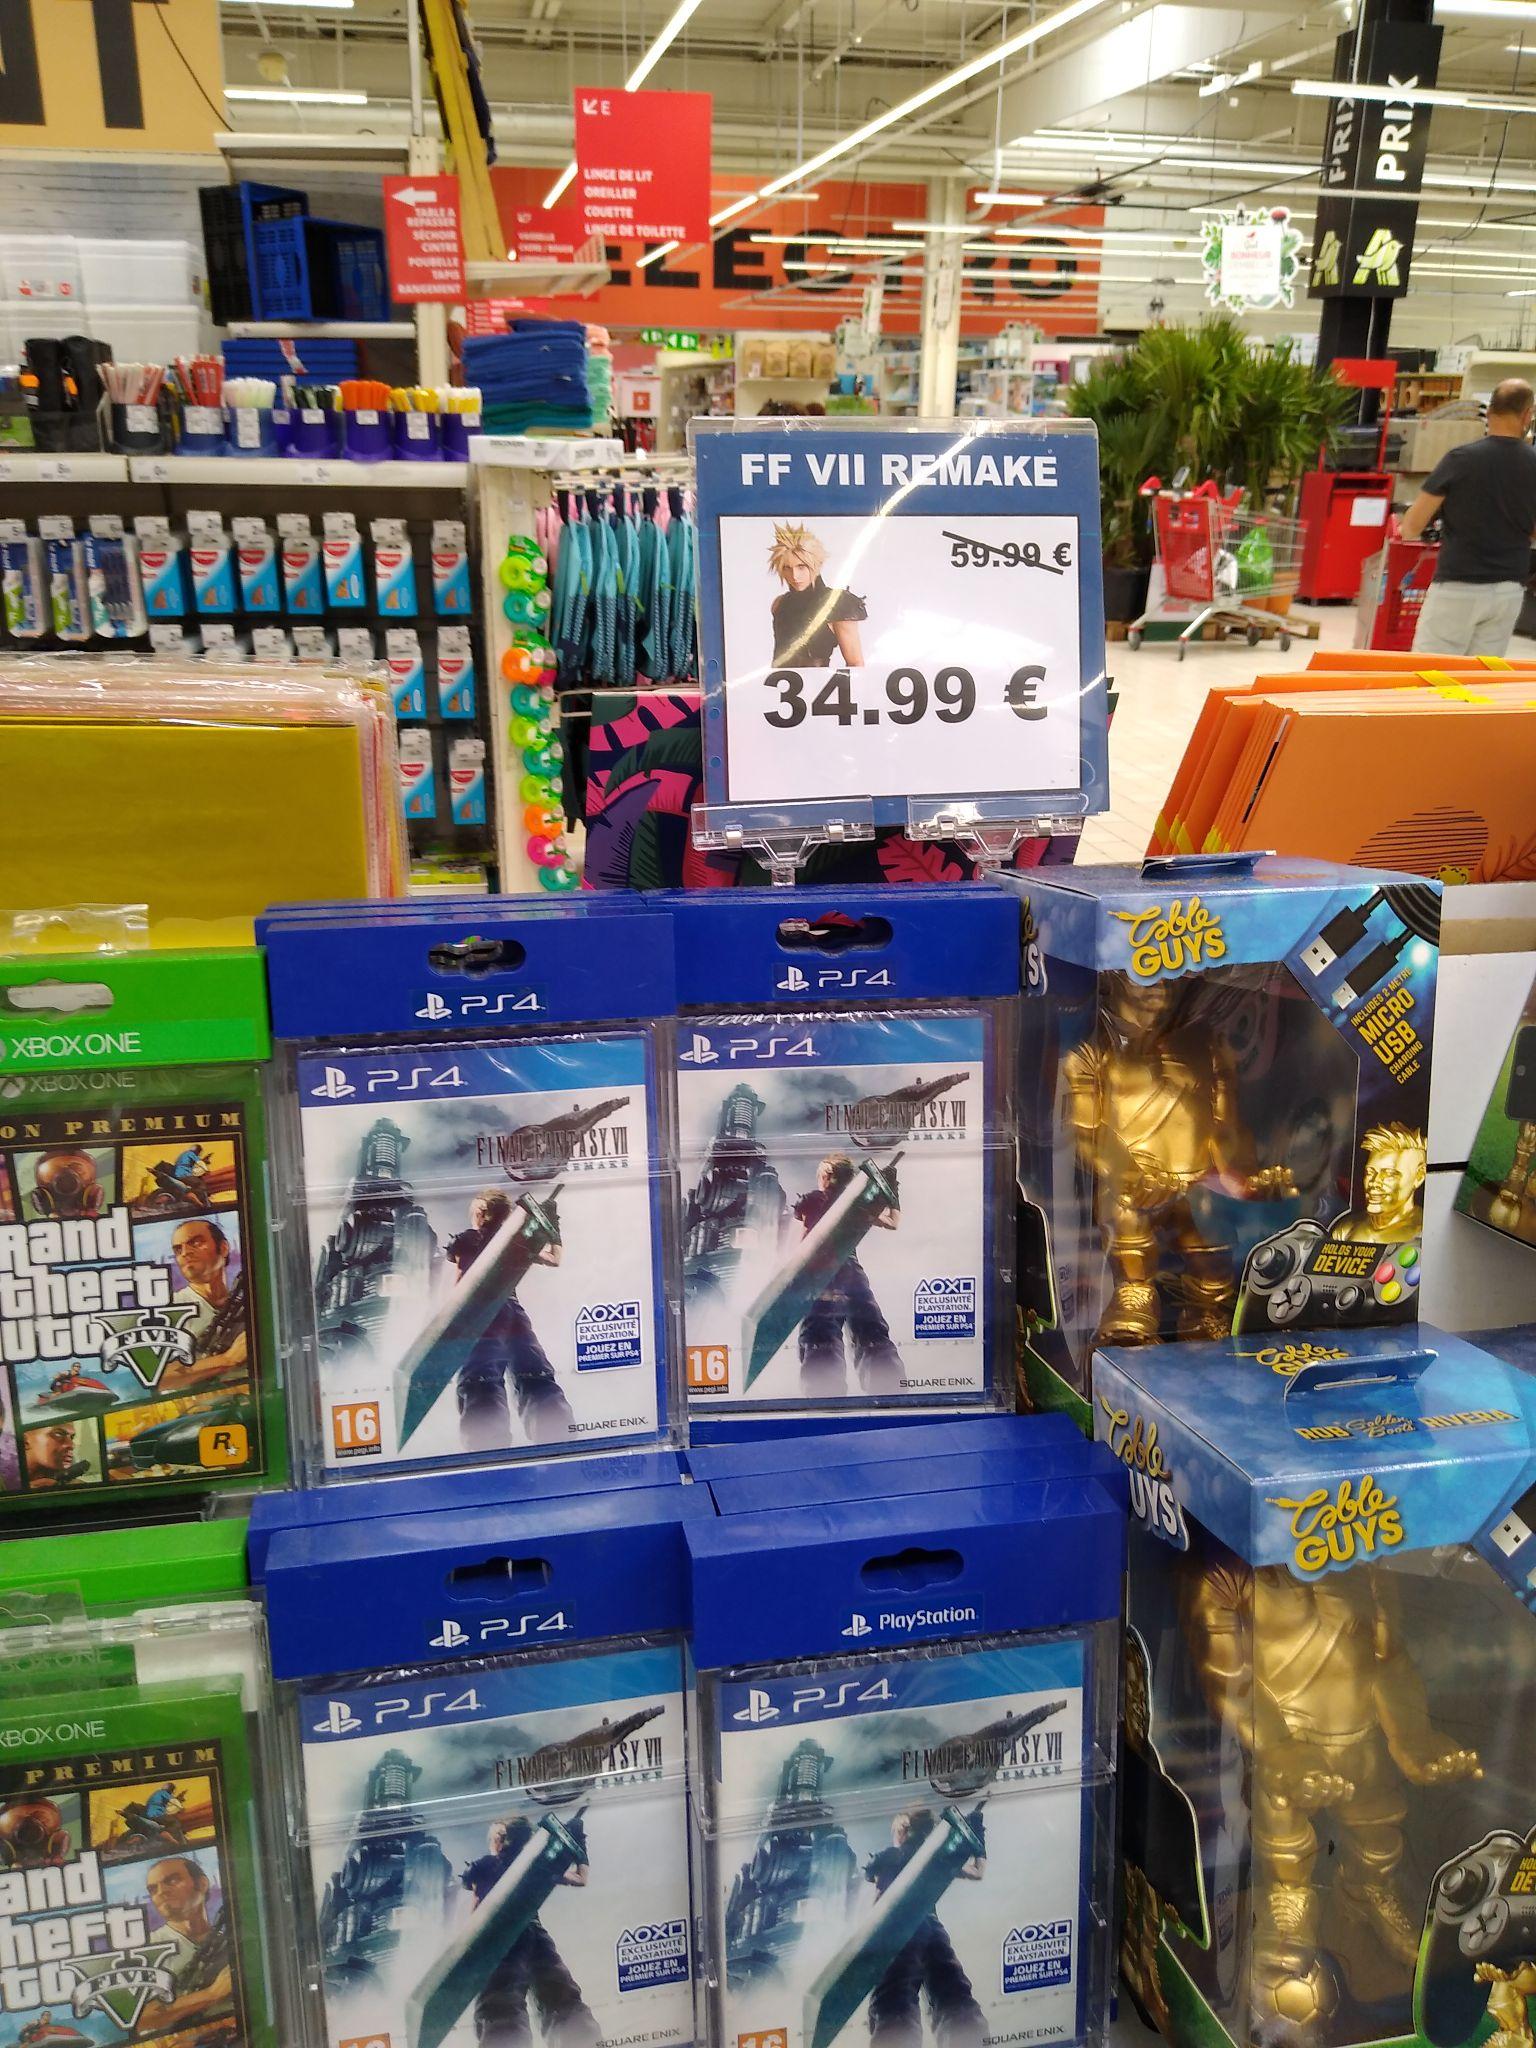 Final Fantasy VII Remake sur PS4 - Epagny (74)